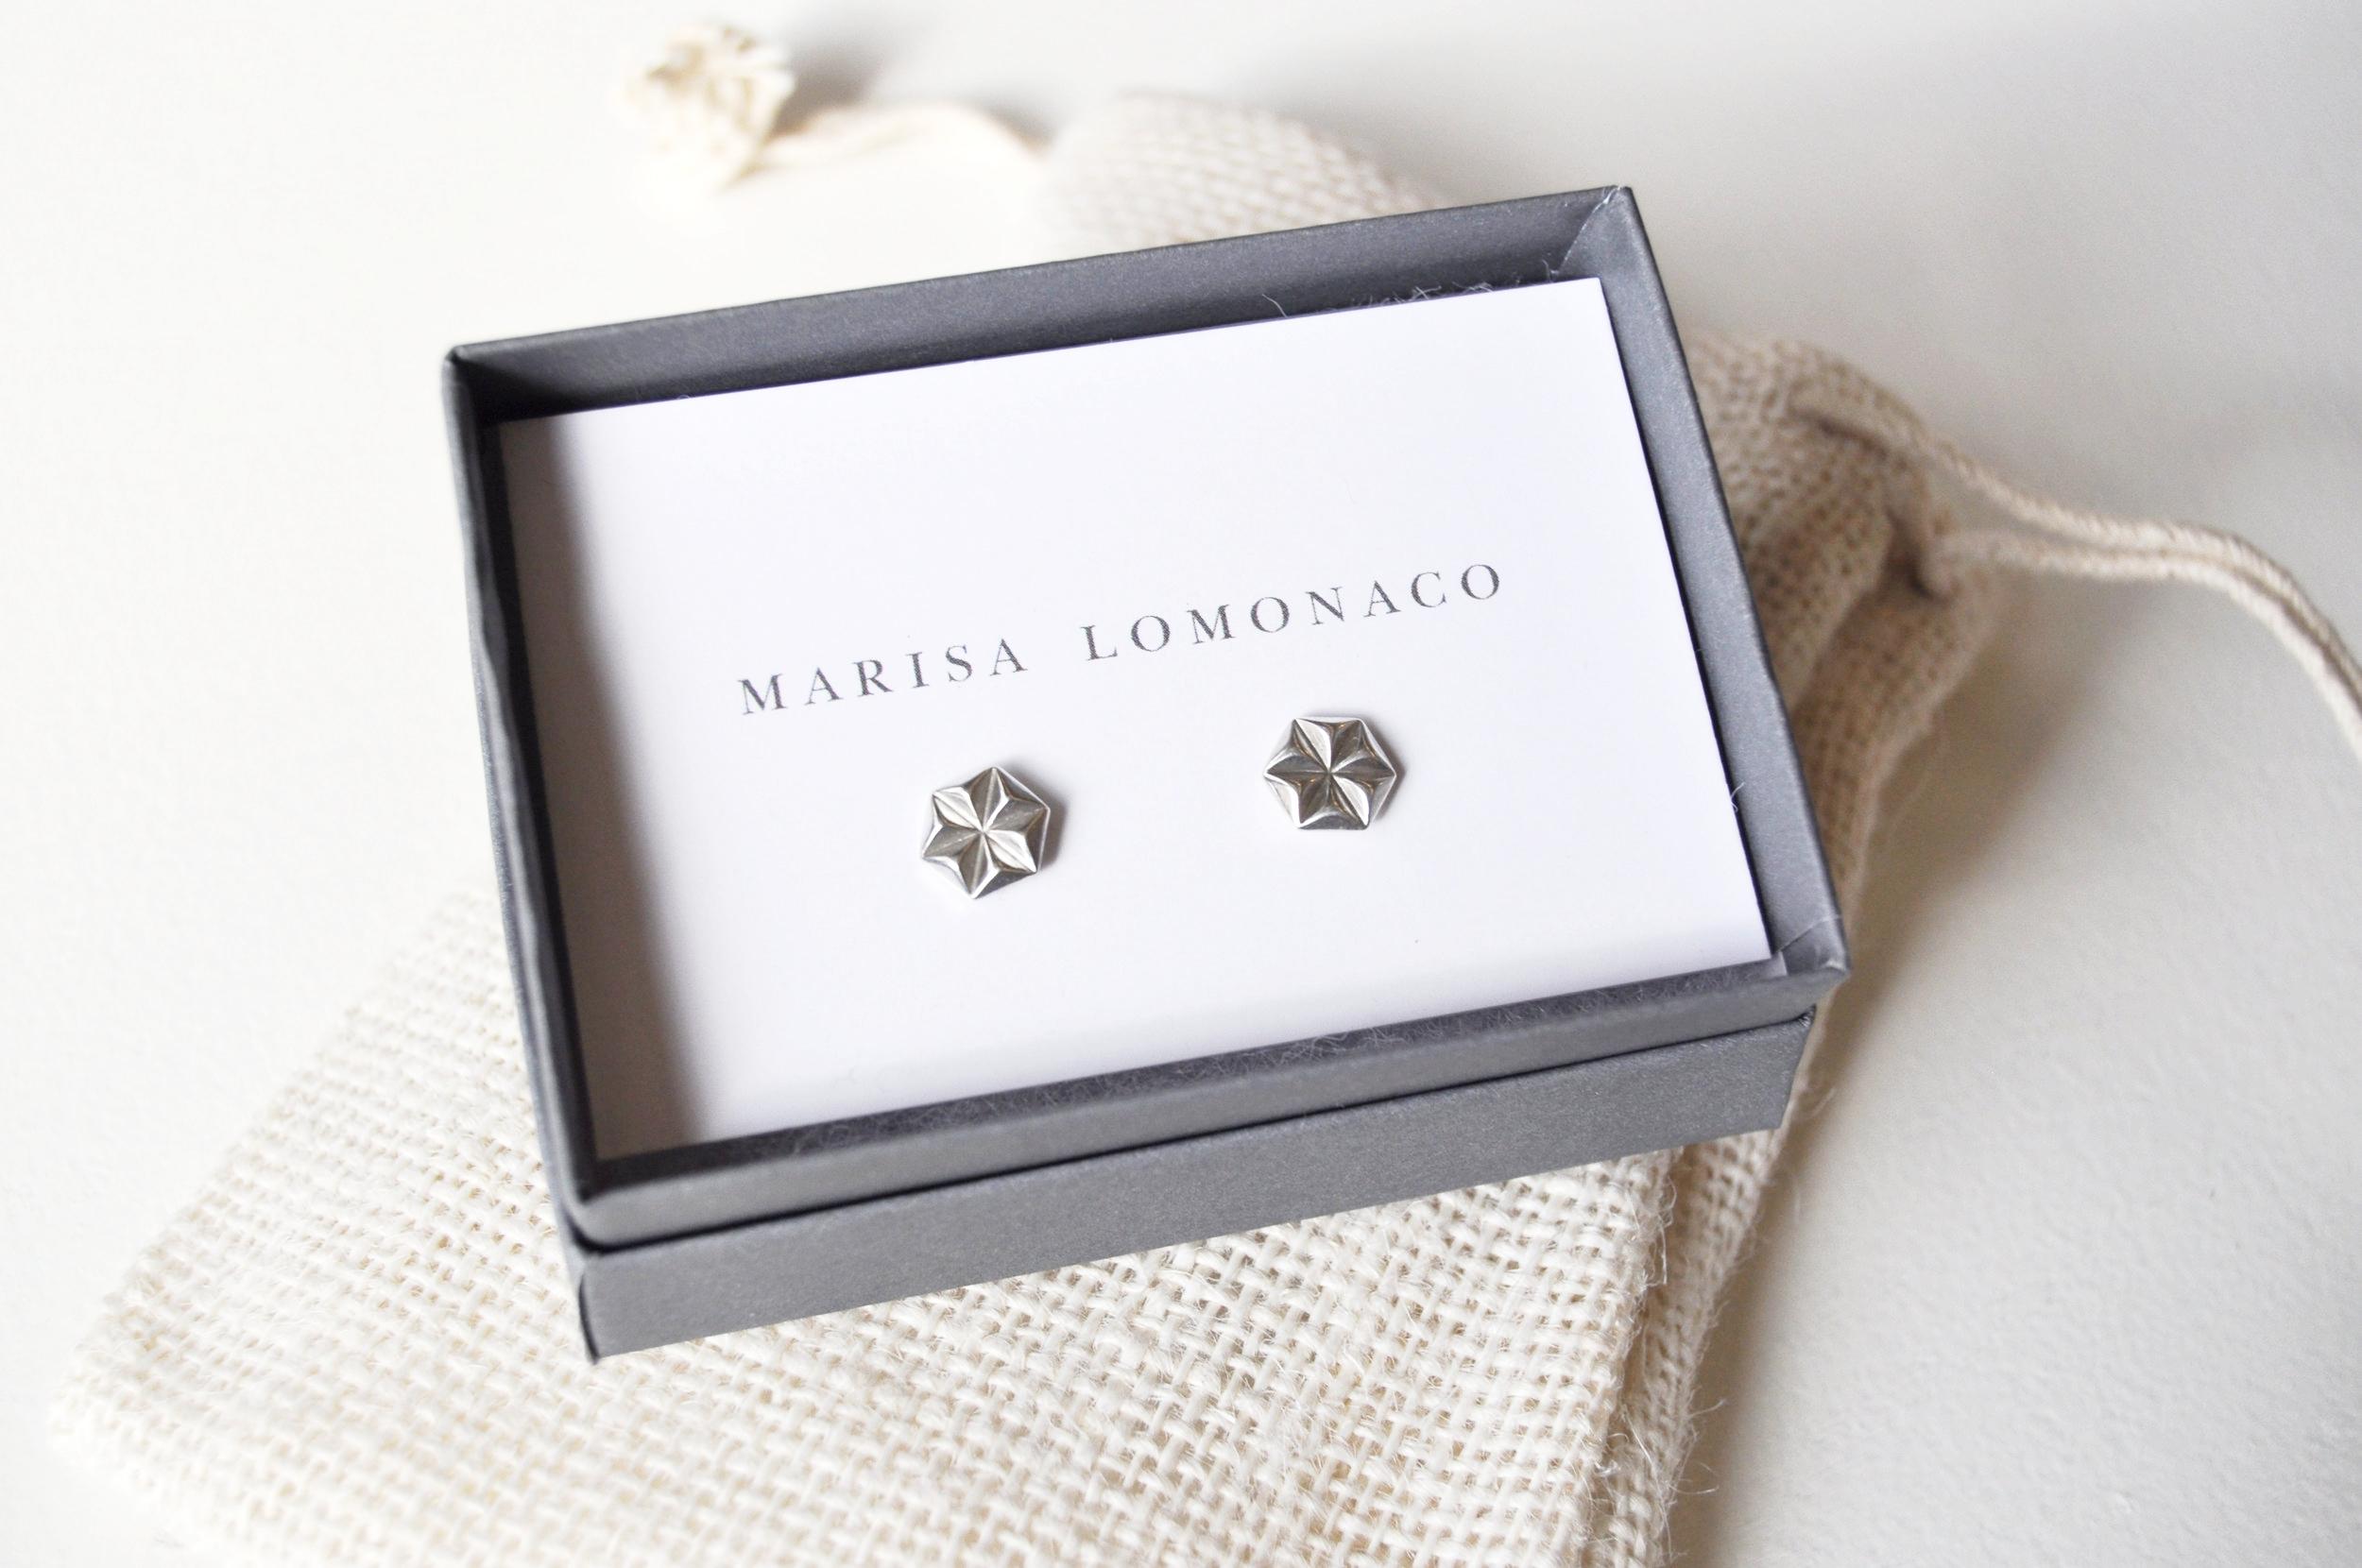 Marisa-Lomonaco-Jewelry-Beacon-NY-013-1.jpg